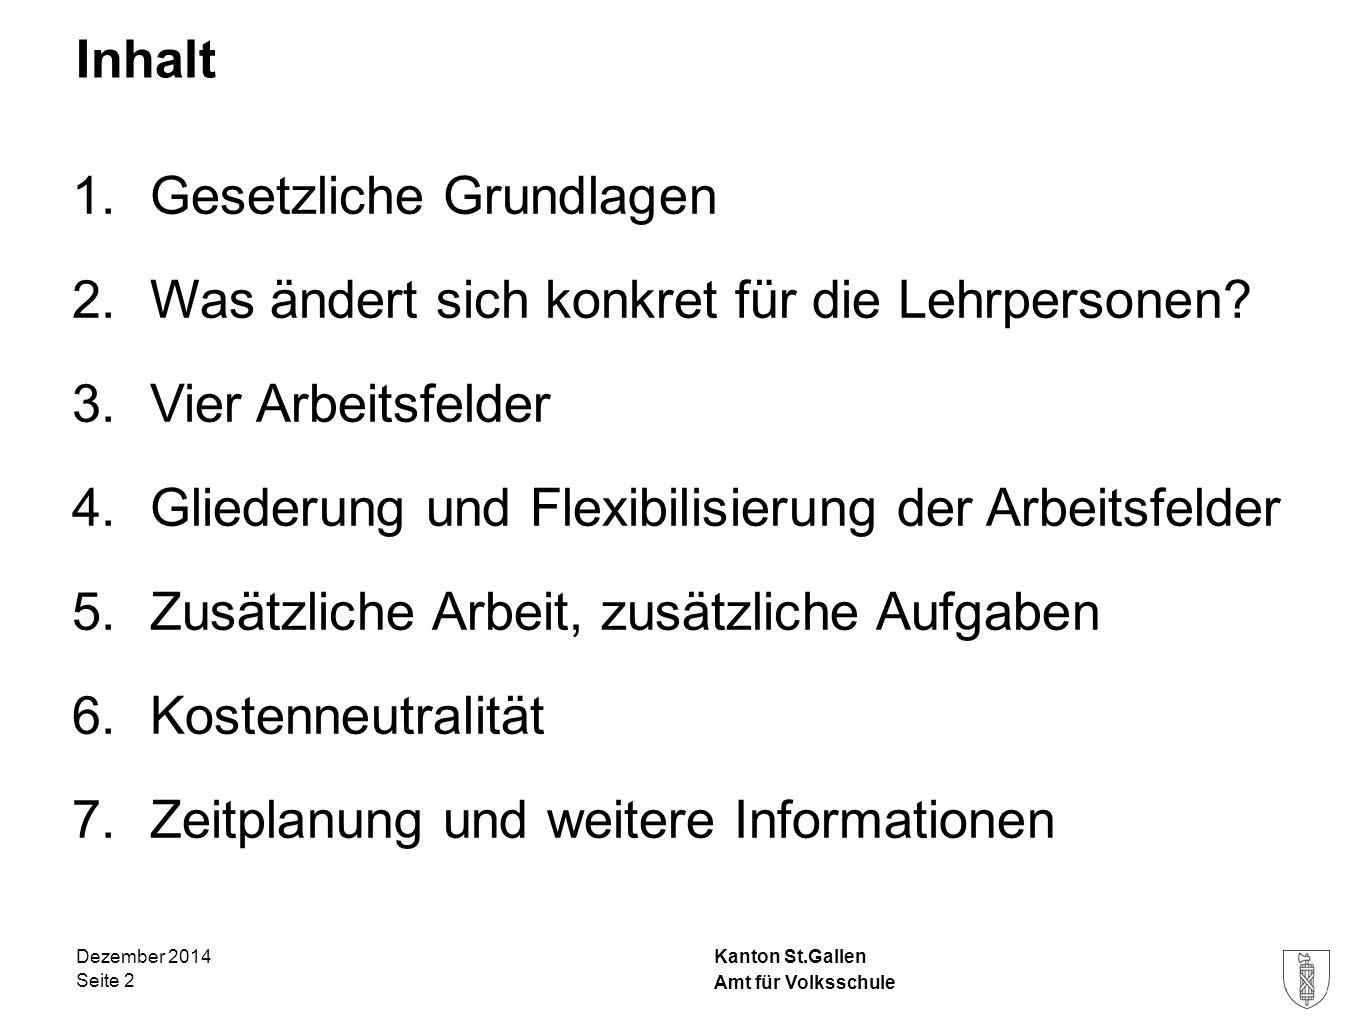 Kanton St.Gallen Inhalt 1.Gesetzliche Grundlagen 2.Was ändert sich konkret für die Lehrpersonen? 3.Vier Arbeitsfelder 4.Gliederung und Flexibilisierun